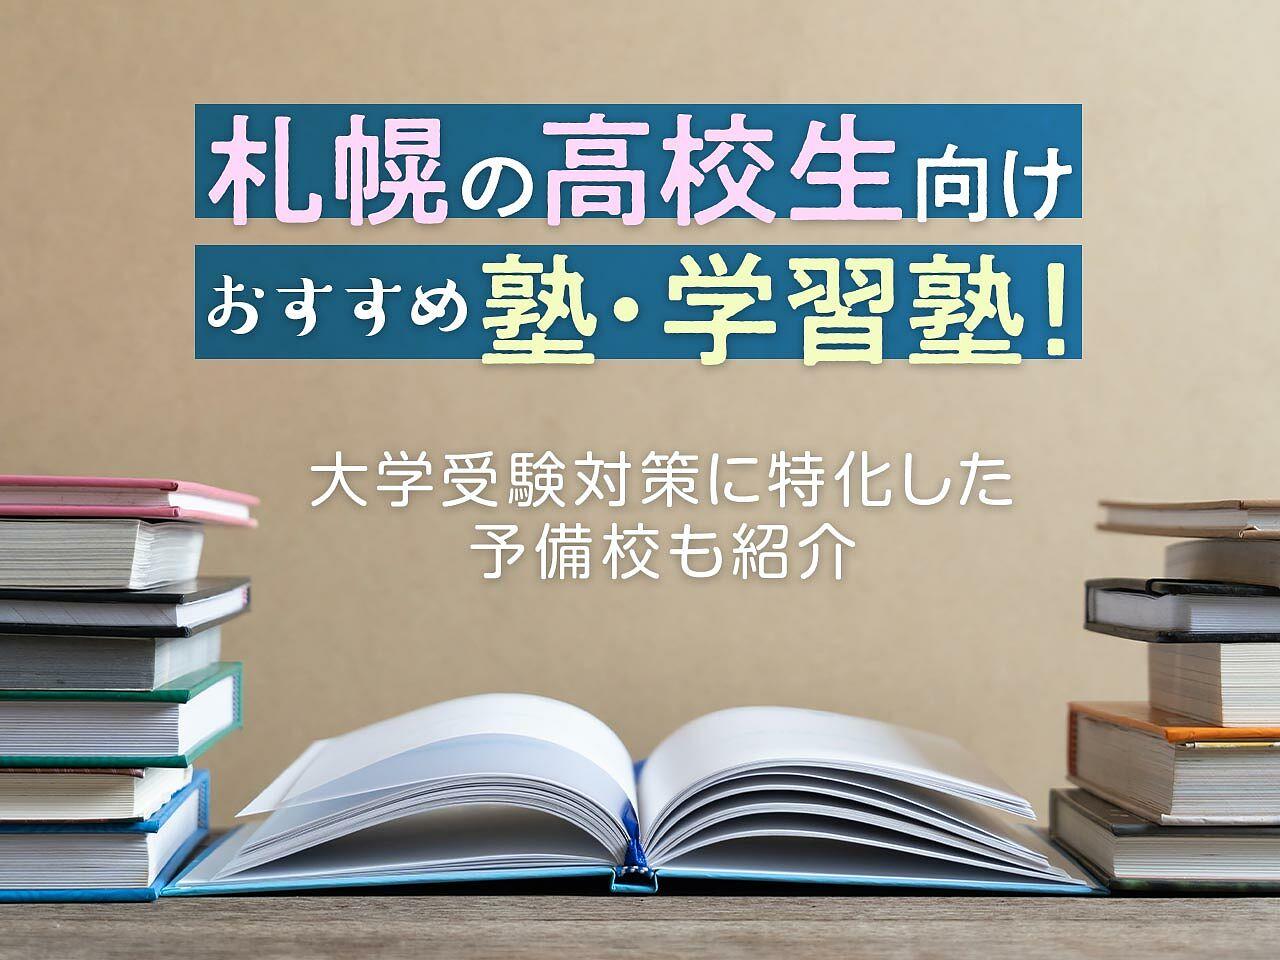 札幌の高校生向け塾・学習塾おすすめ25選!大学受験対策に特化した予備校も紹介の画像